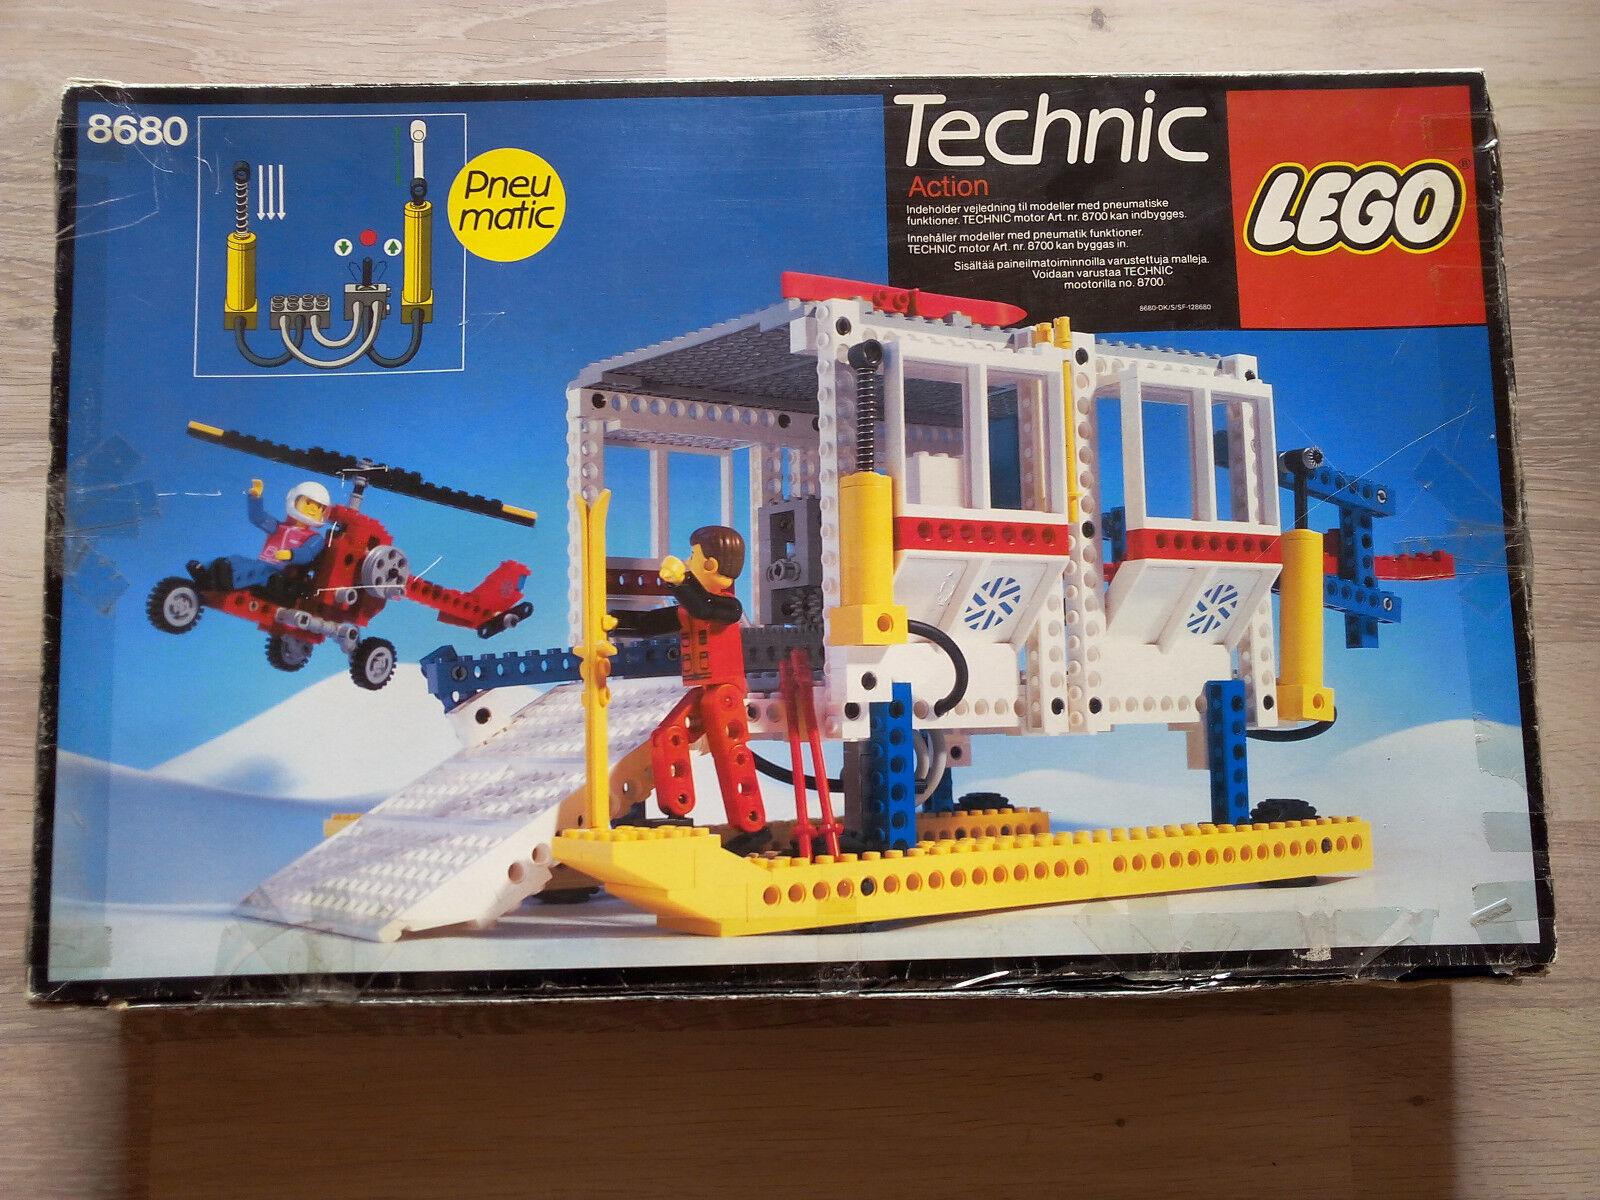 Lego Technic Technik 8680 Artic Rescue Base   GUTER ZUSTAND - Rarität von 1986